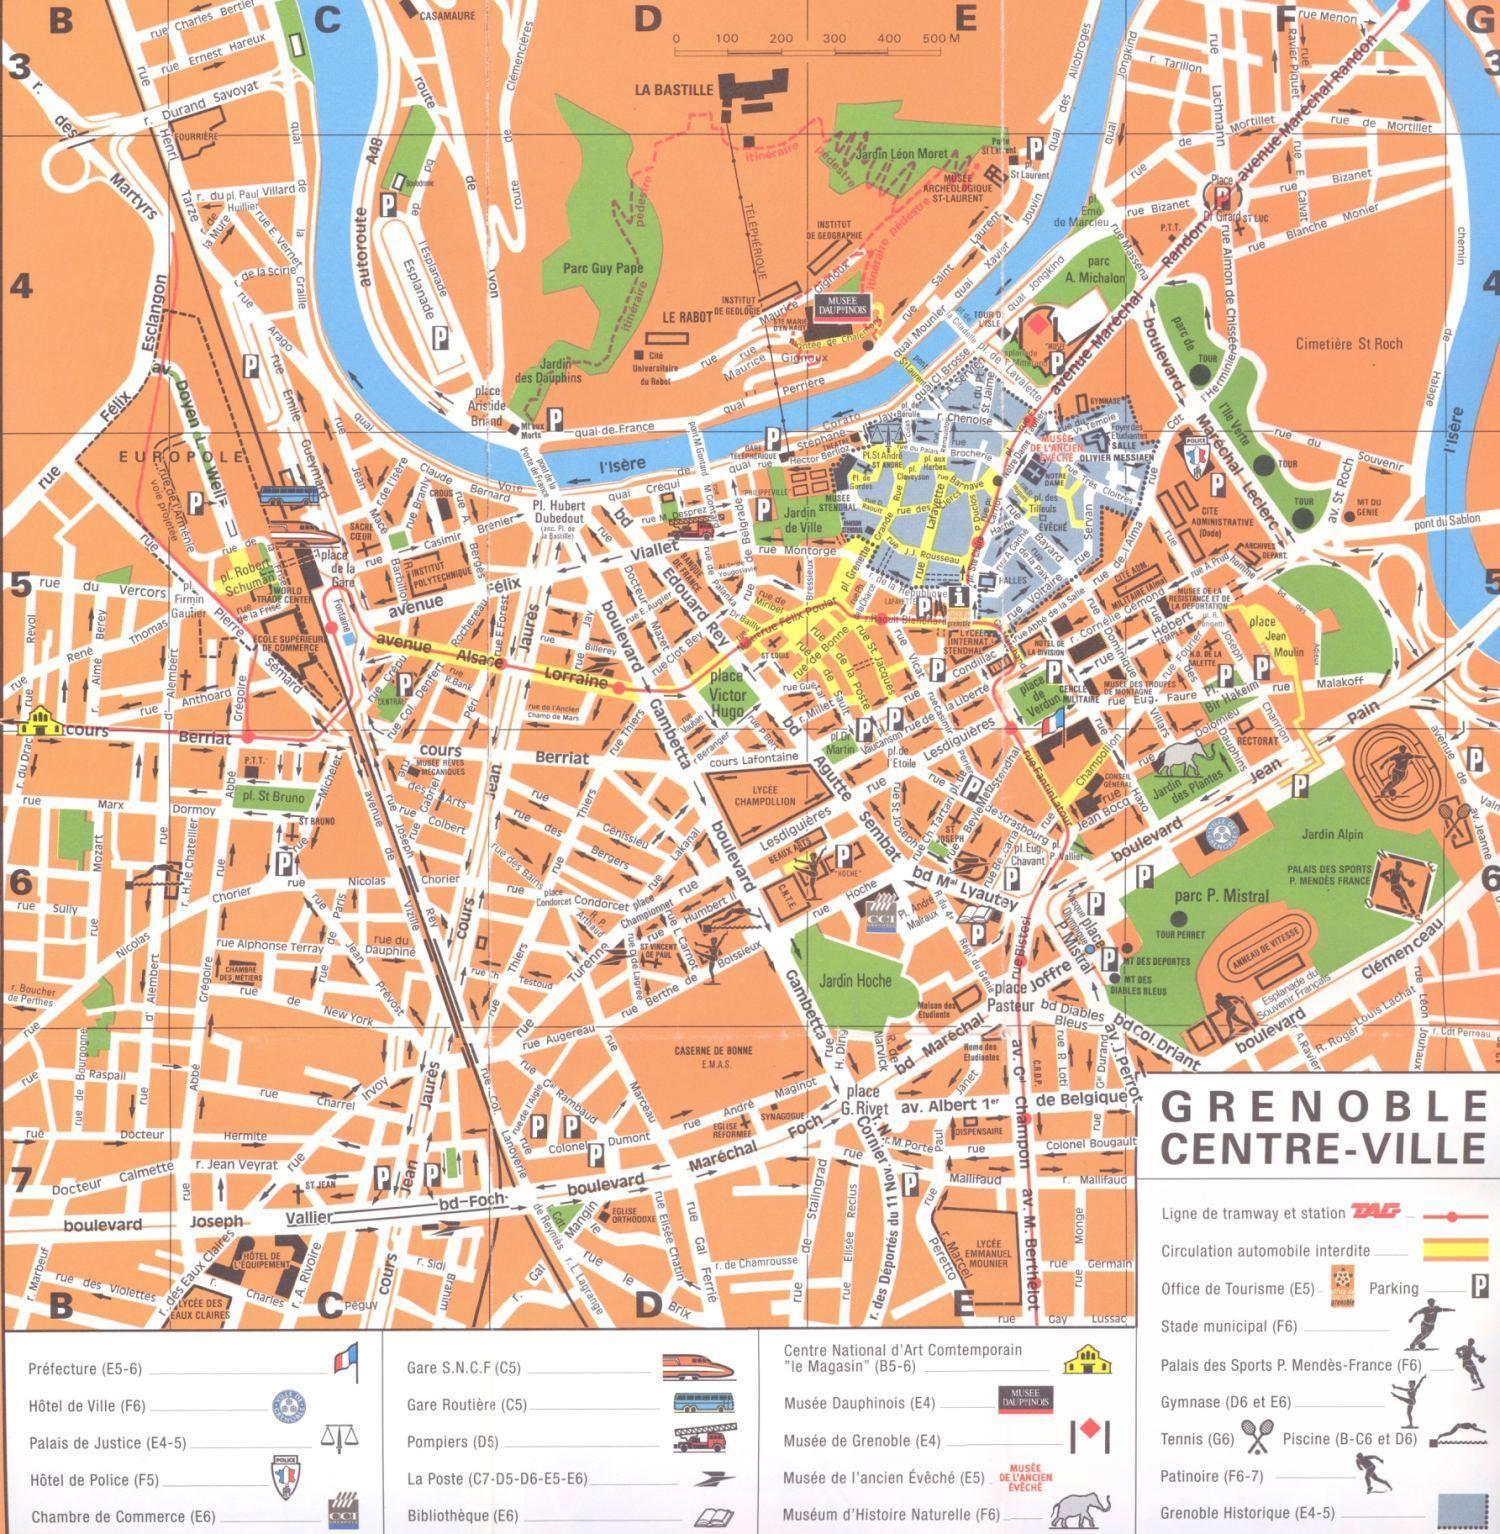 Chartreuse Centre Ville Toulouse